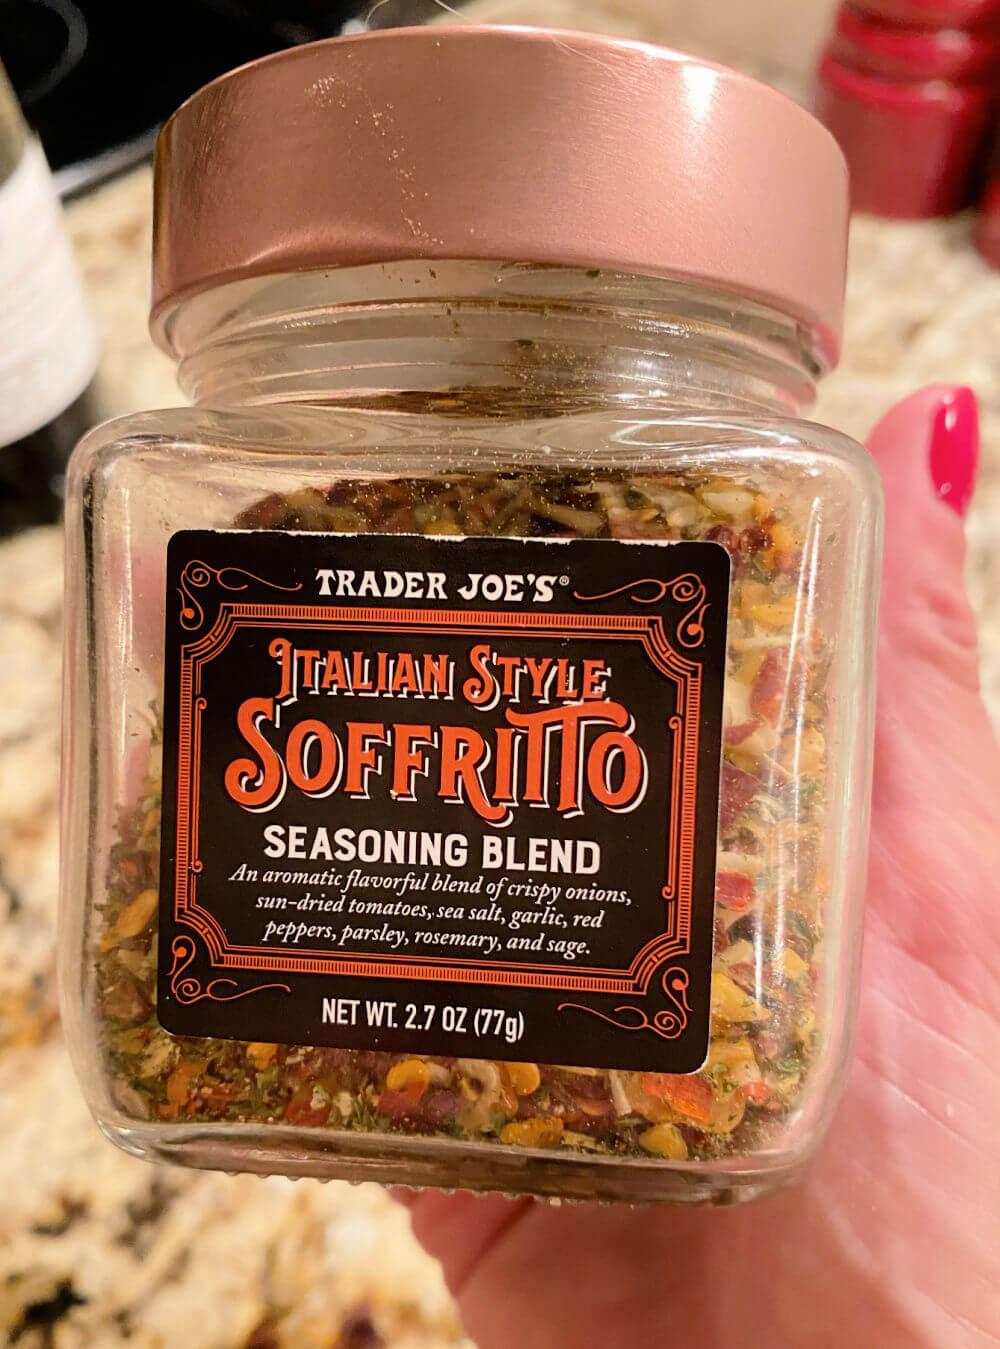 Trader Joe's soffritto seasoning